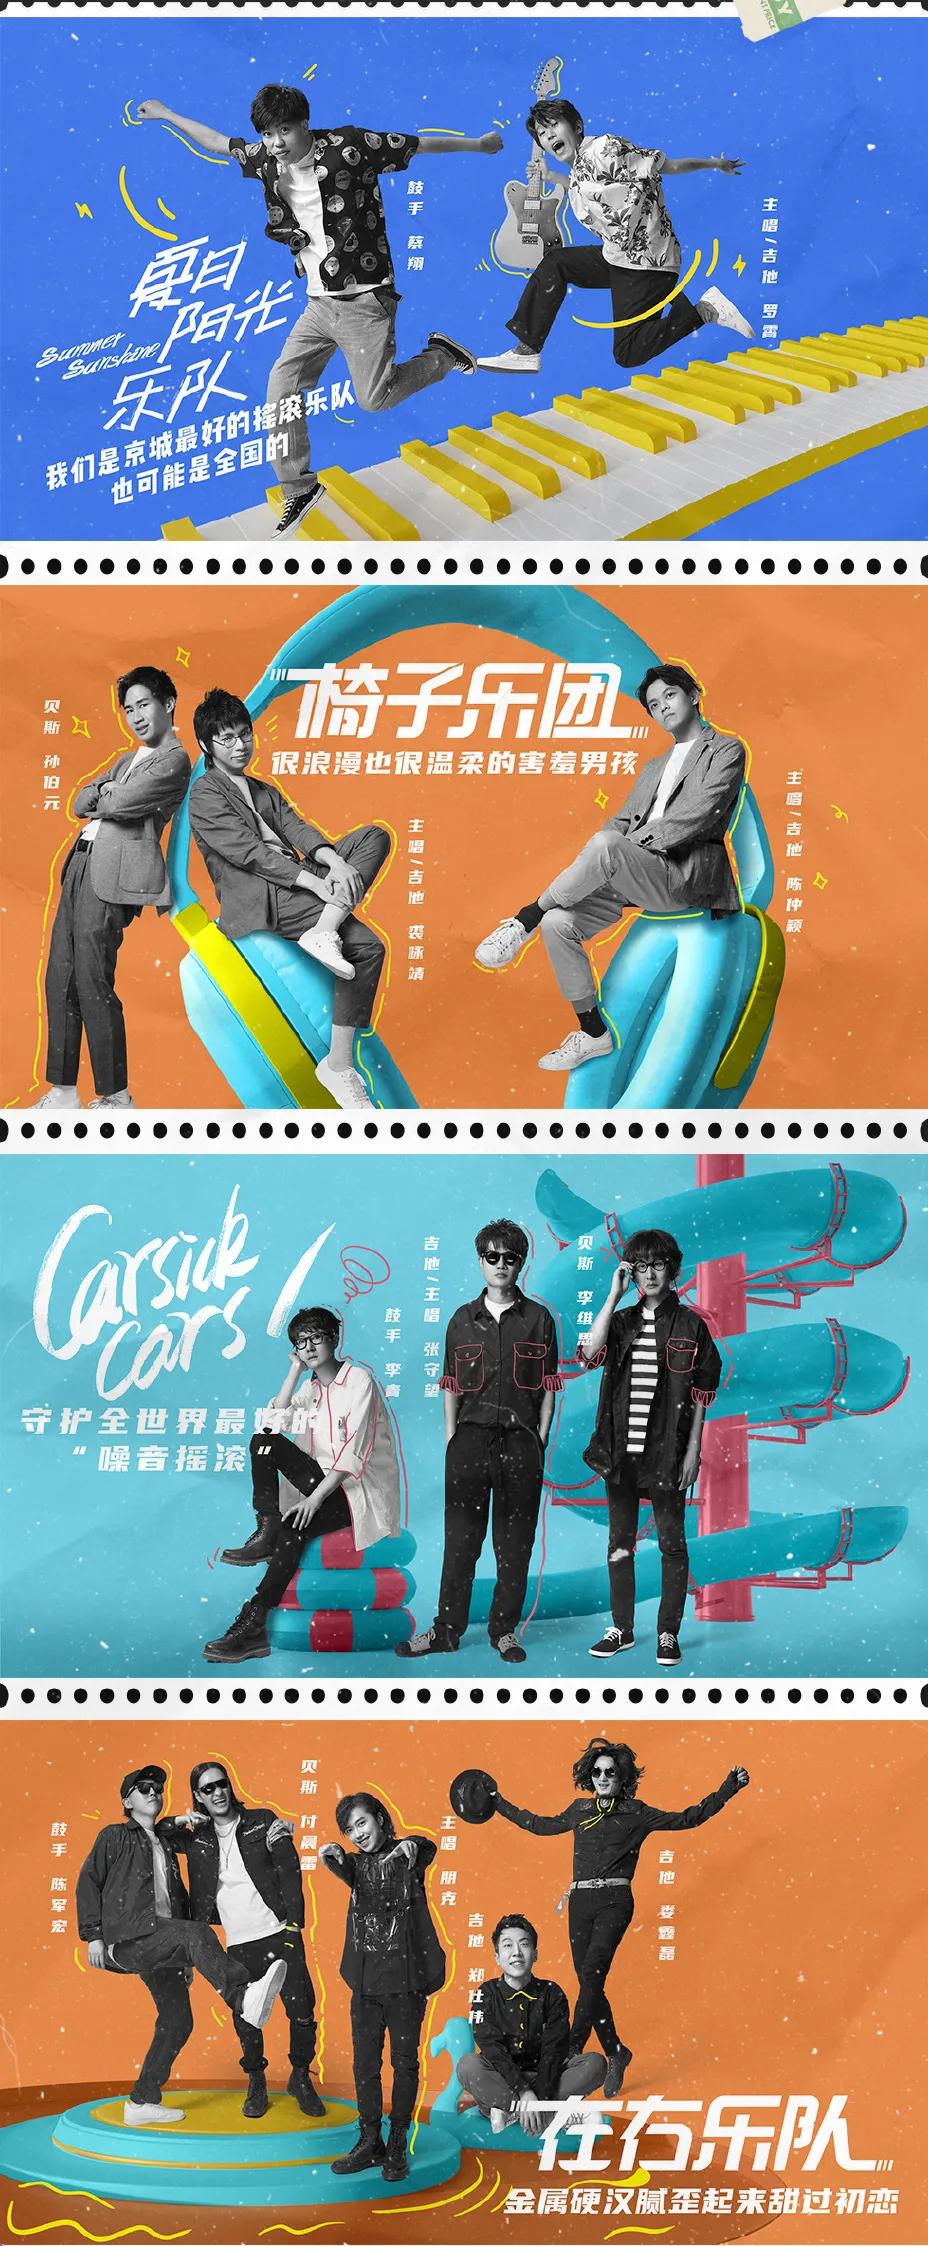 乐队的夏天第二季燃炸今夏综艺档 海报设计盛宴获网友好评 poster movie posters movies